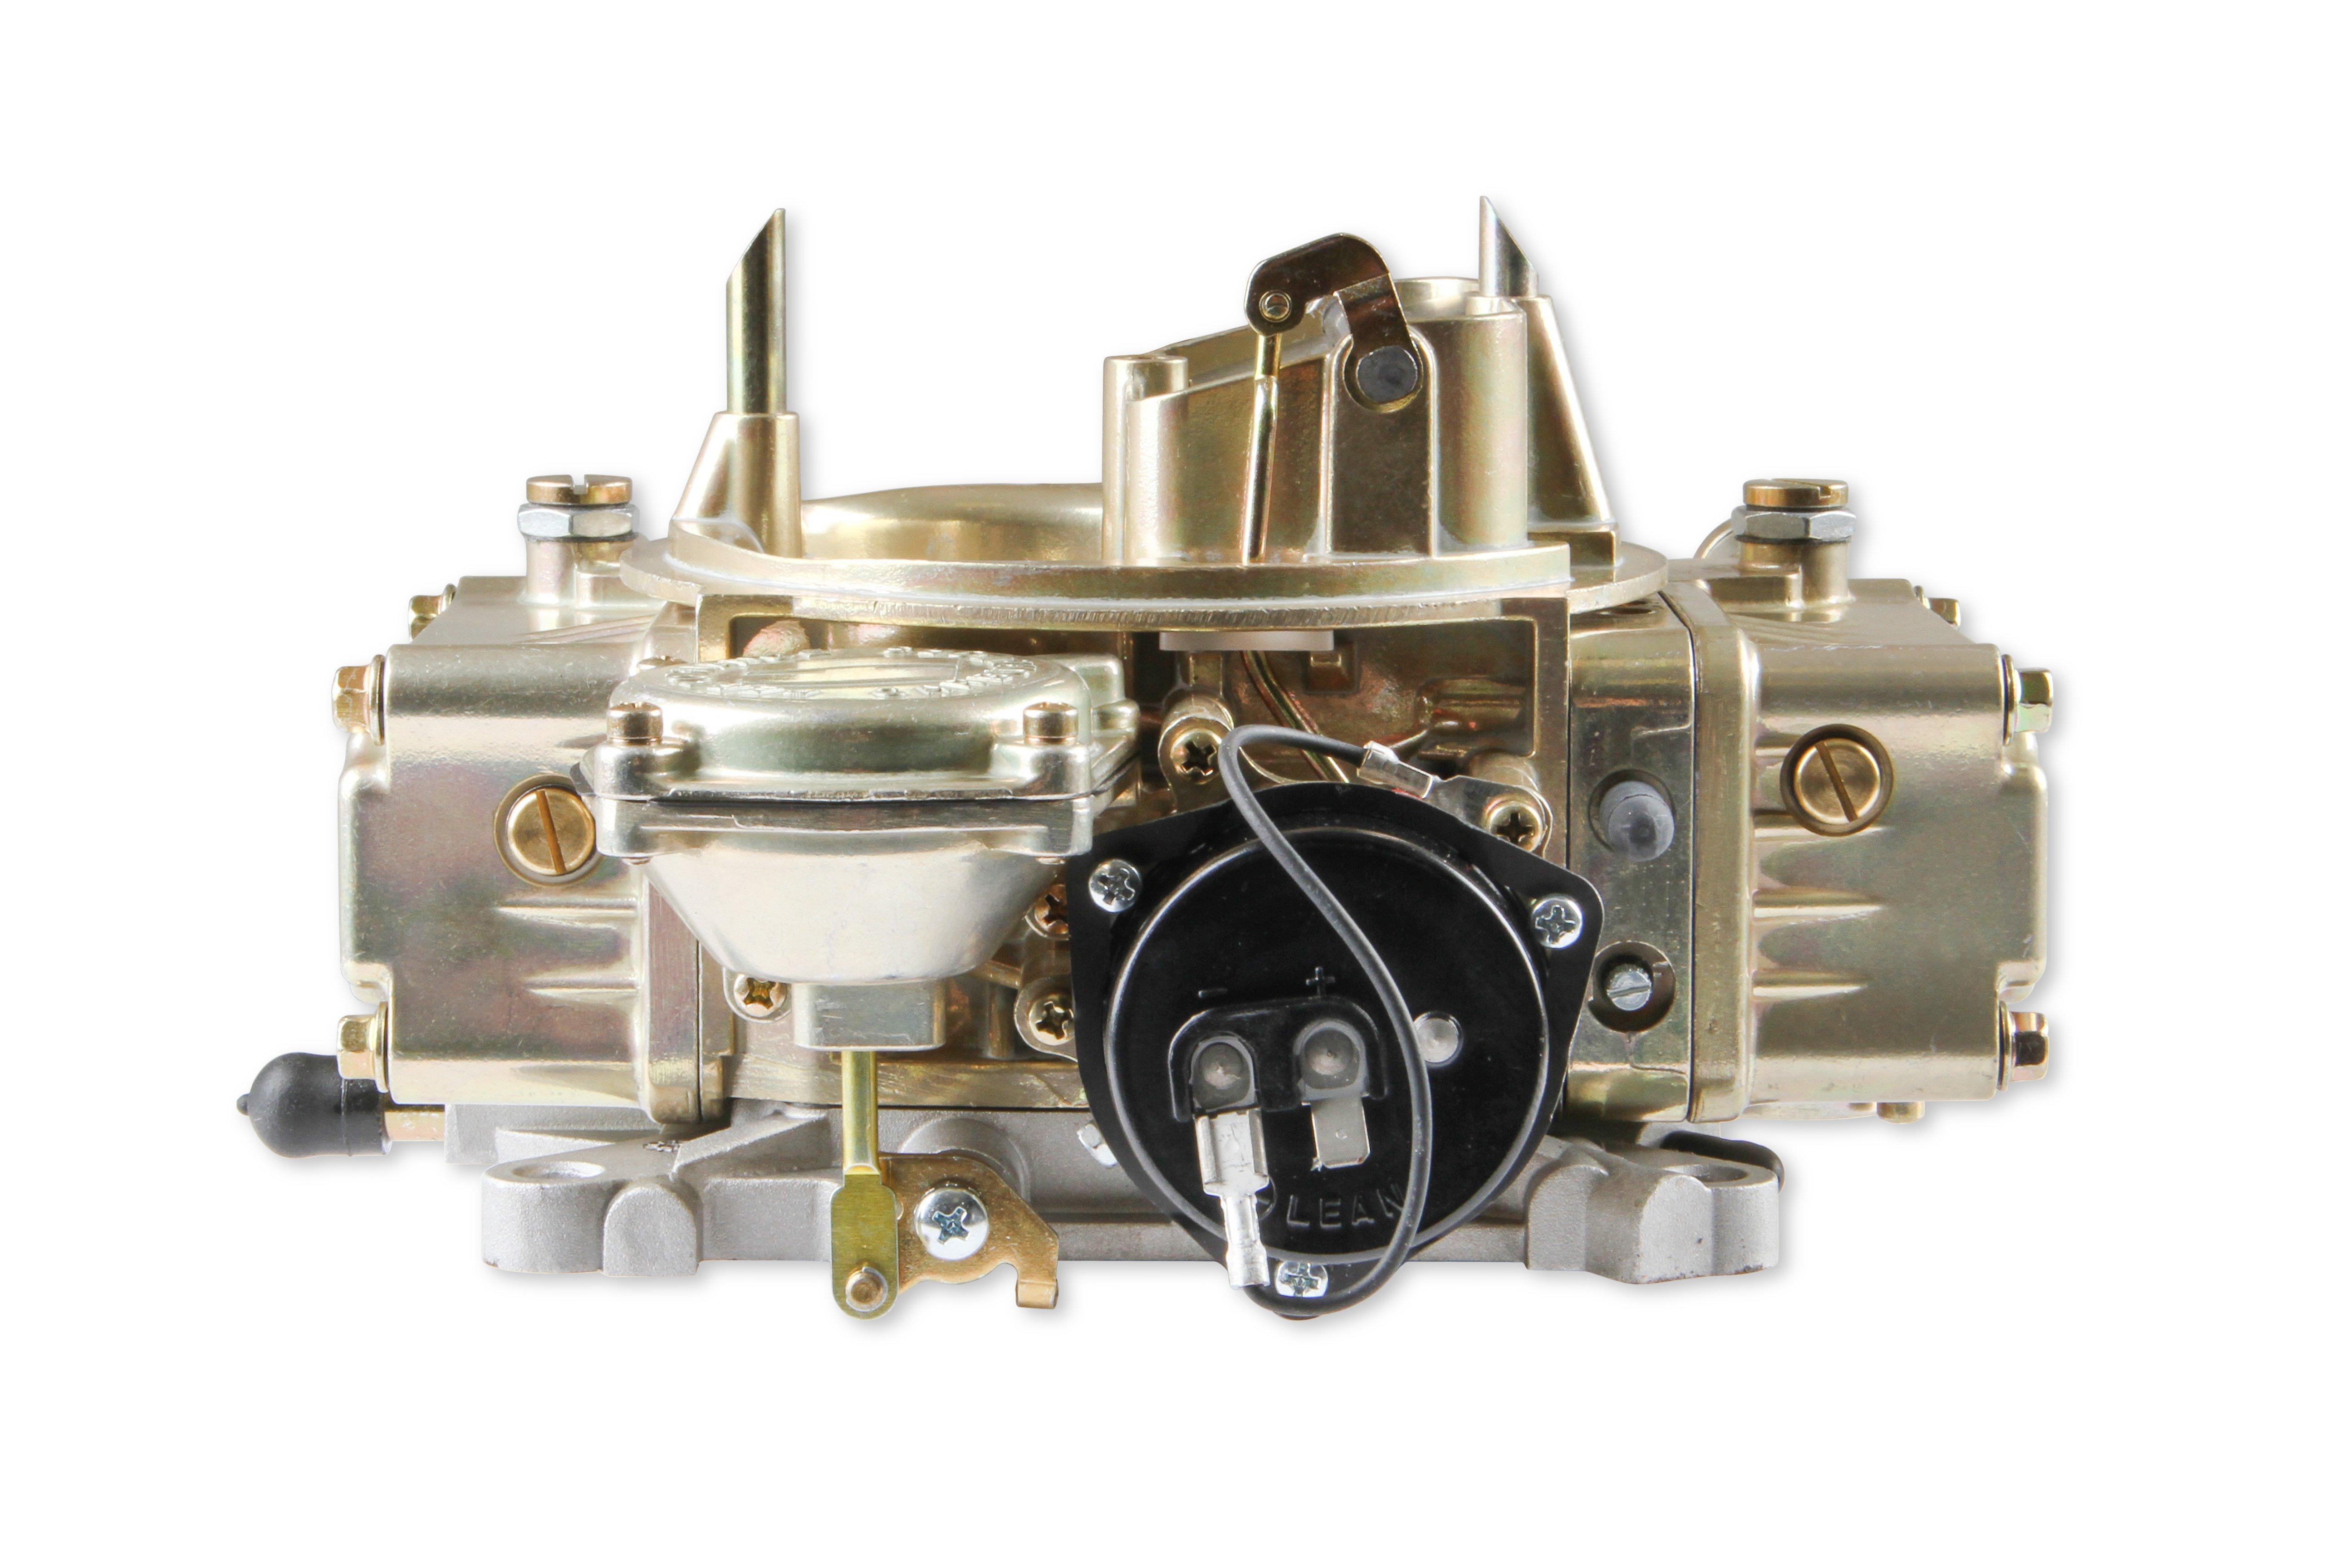 390, 4 Barrel Carburetor Holley 600 The Right Stuff DPC6603 Fuel Pump to Carburetor Line